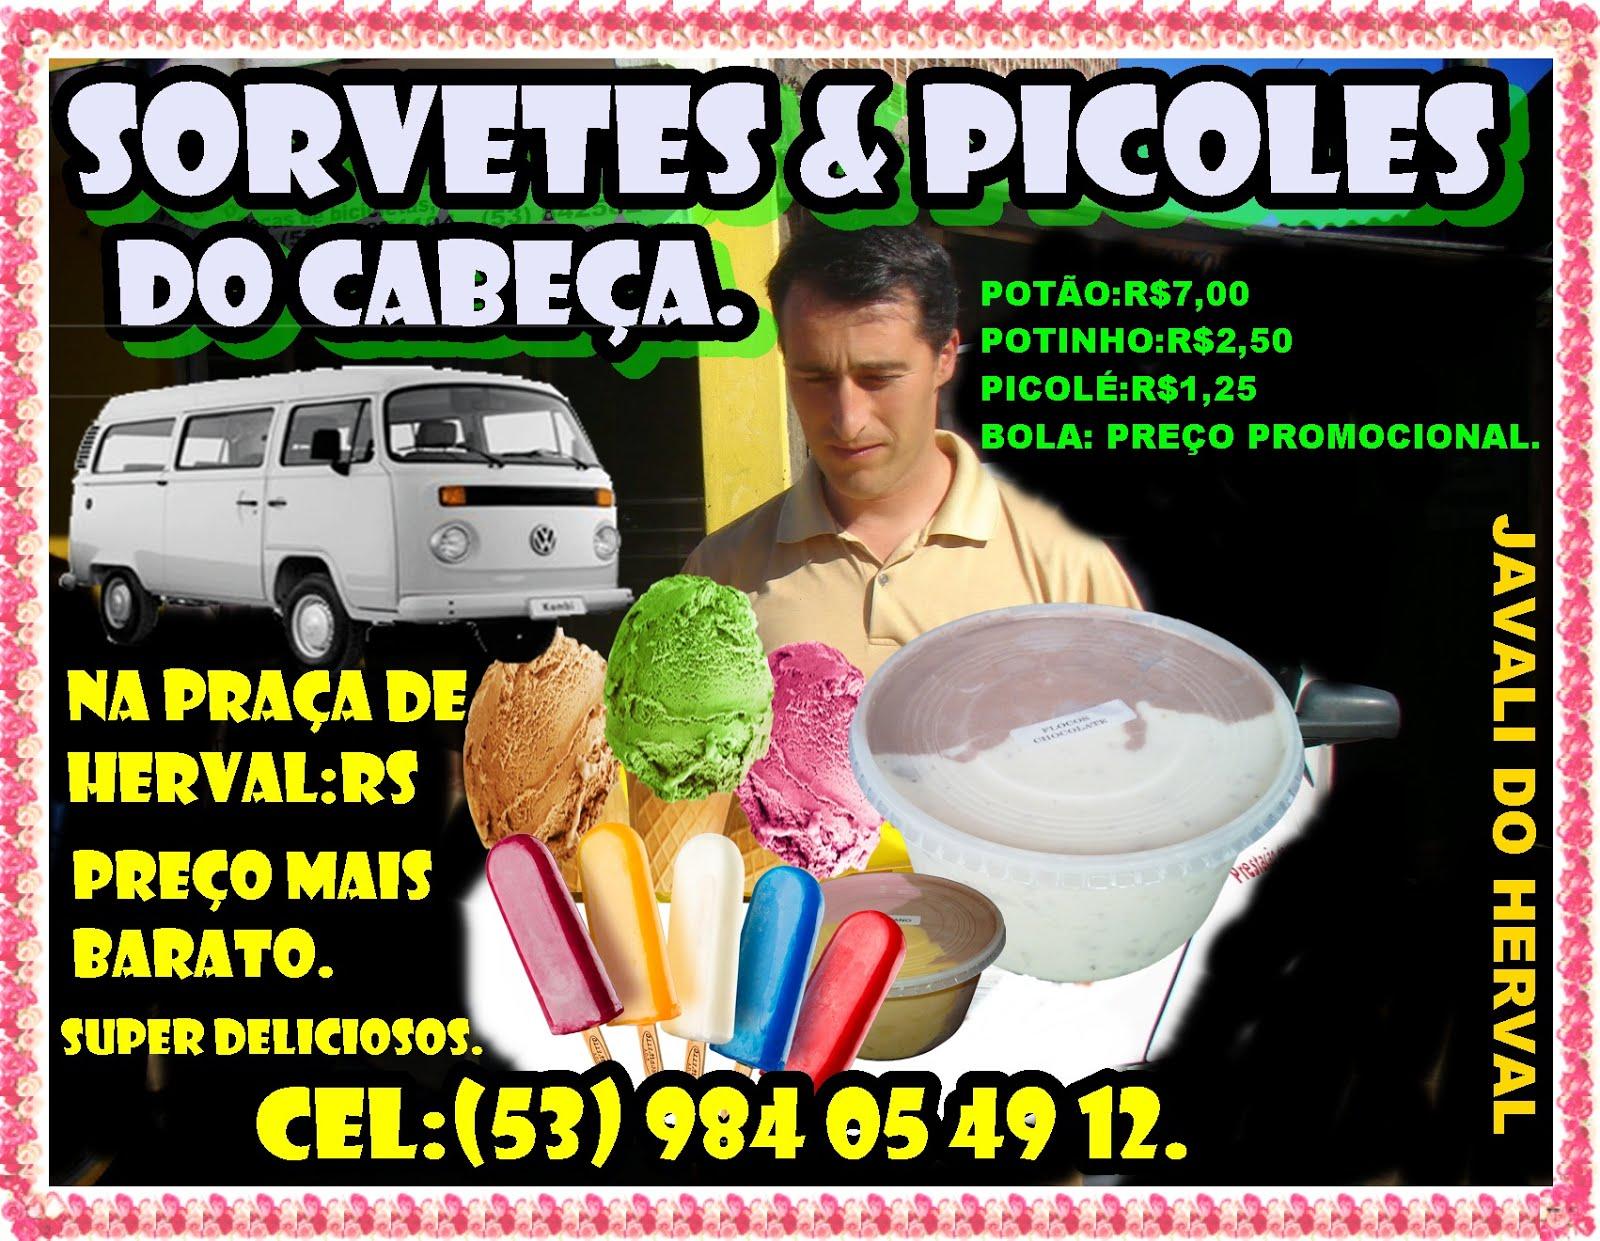 SORVETES & PICOLÉS DO CABEÇA.